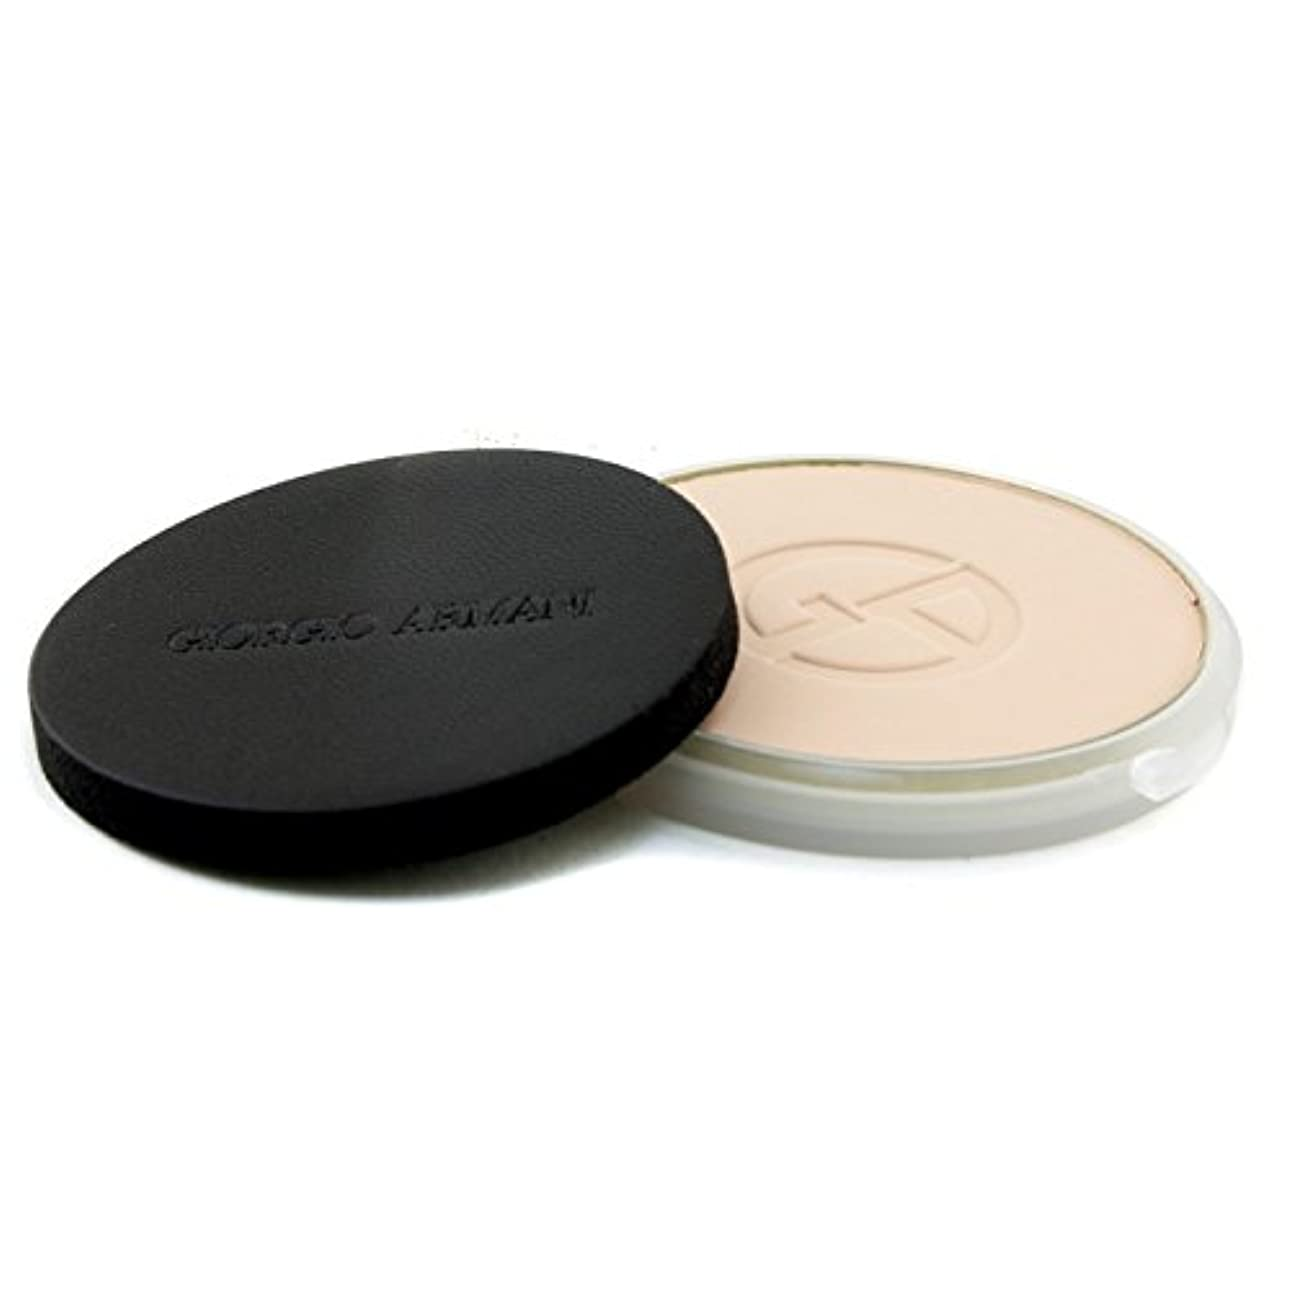 助けて表示鎮痛剤ジョルジオアルマーニ Lasting Silk UV Compact Foundation SPF 34 (Refill) - # 3 (Light Sand) 9g/0.3oz並行輸入品